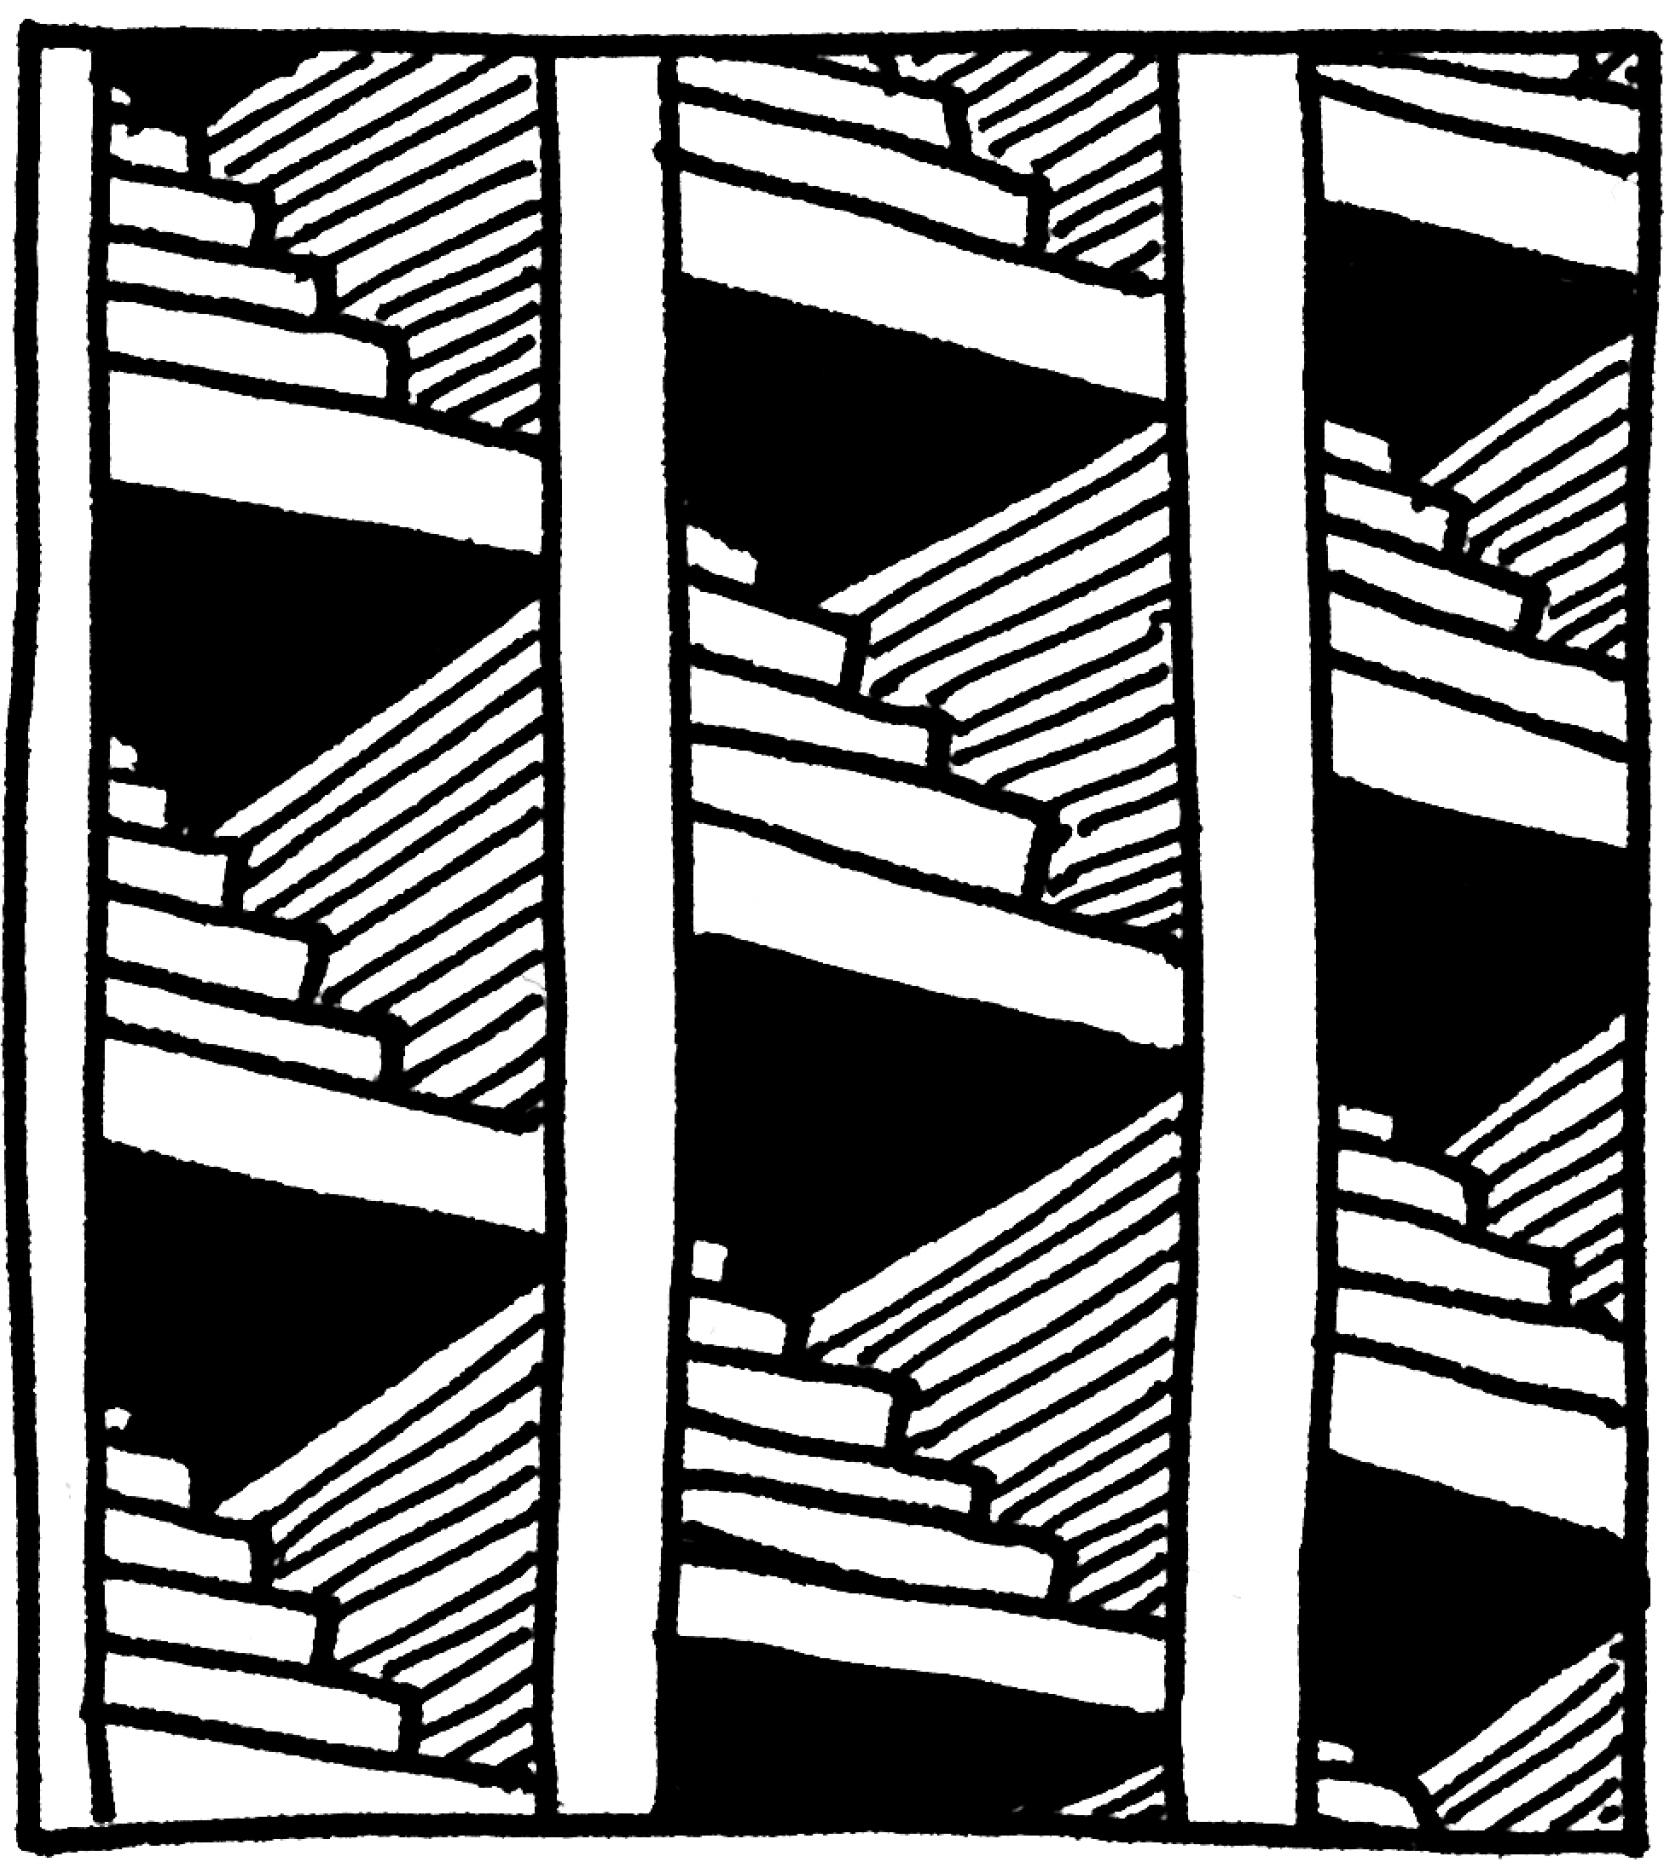 Valencia_patterns16.jpg